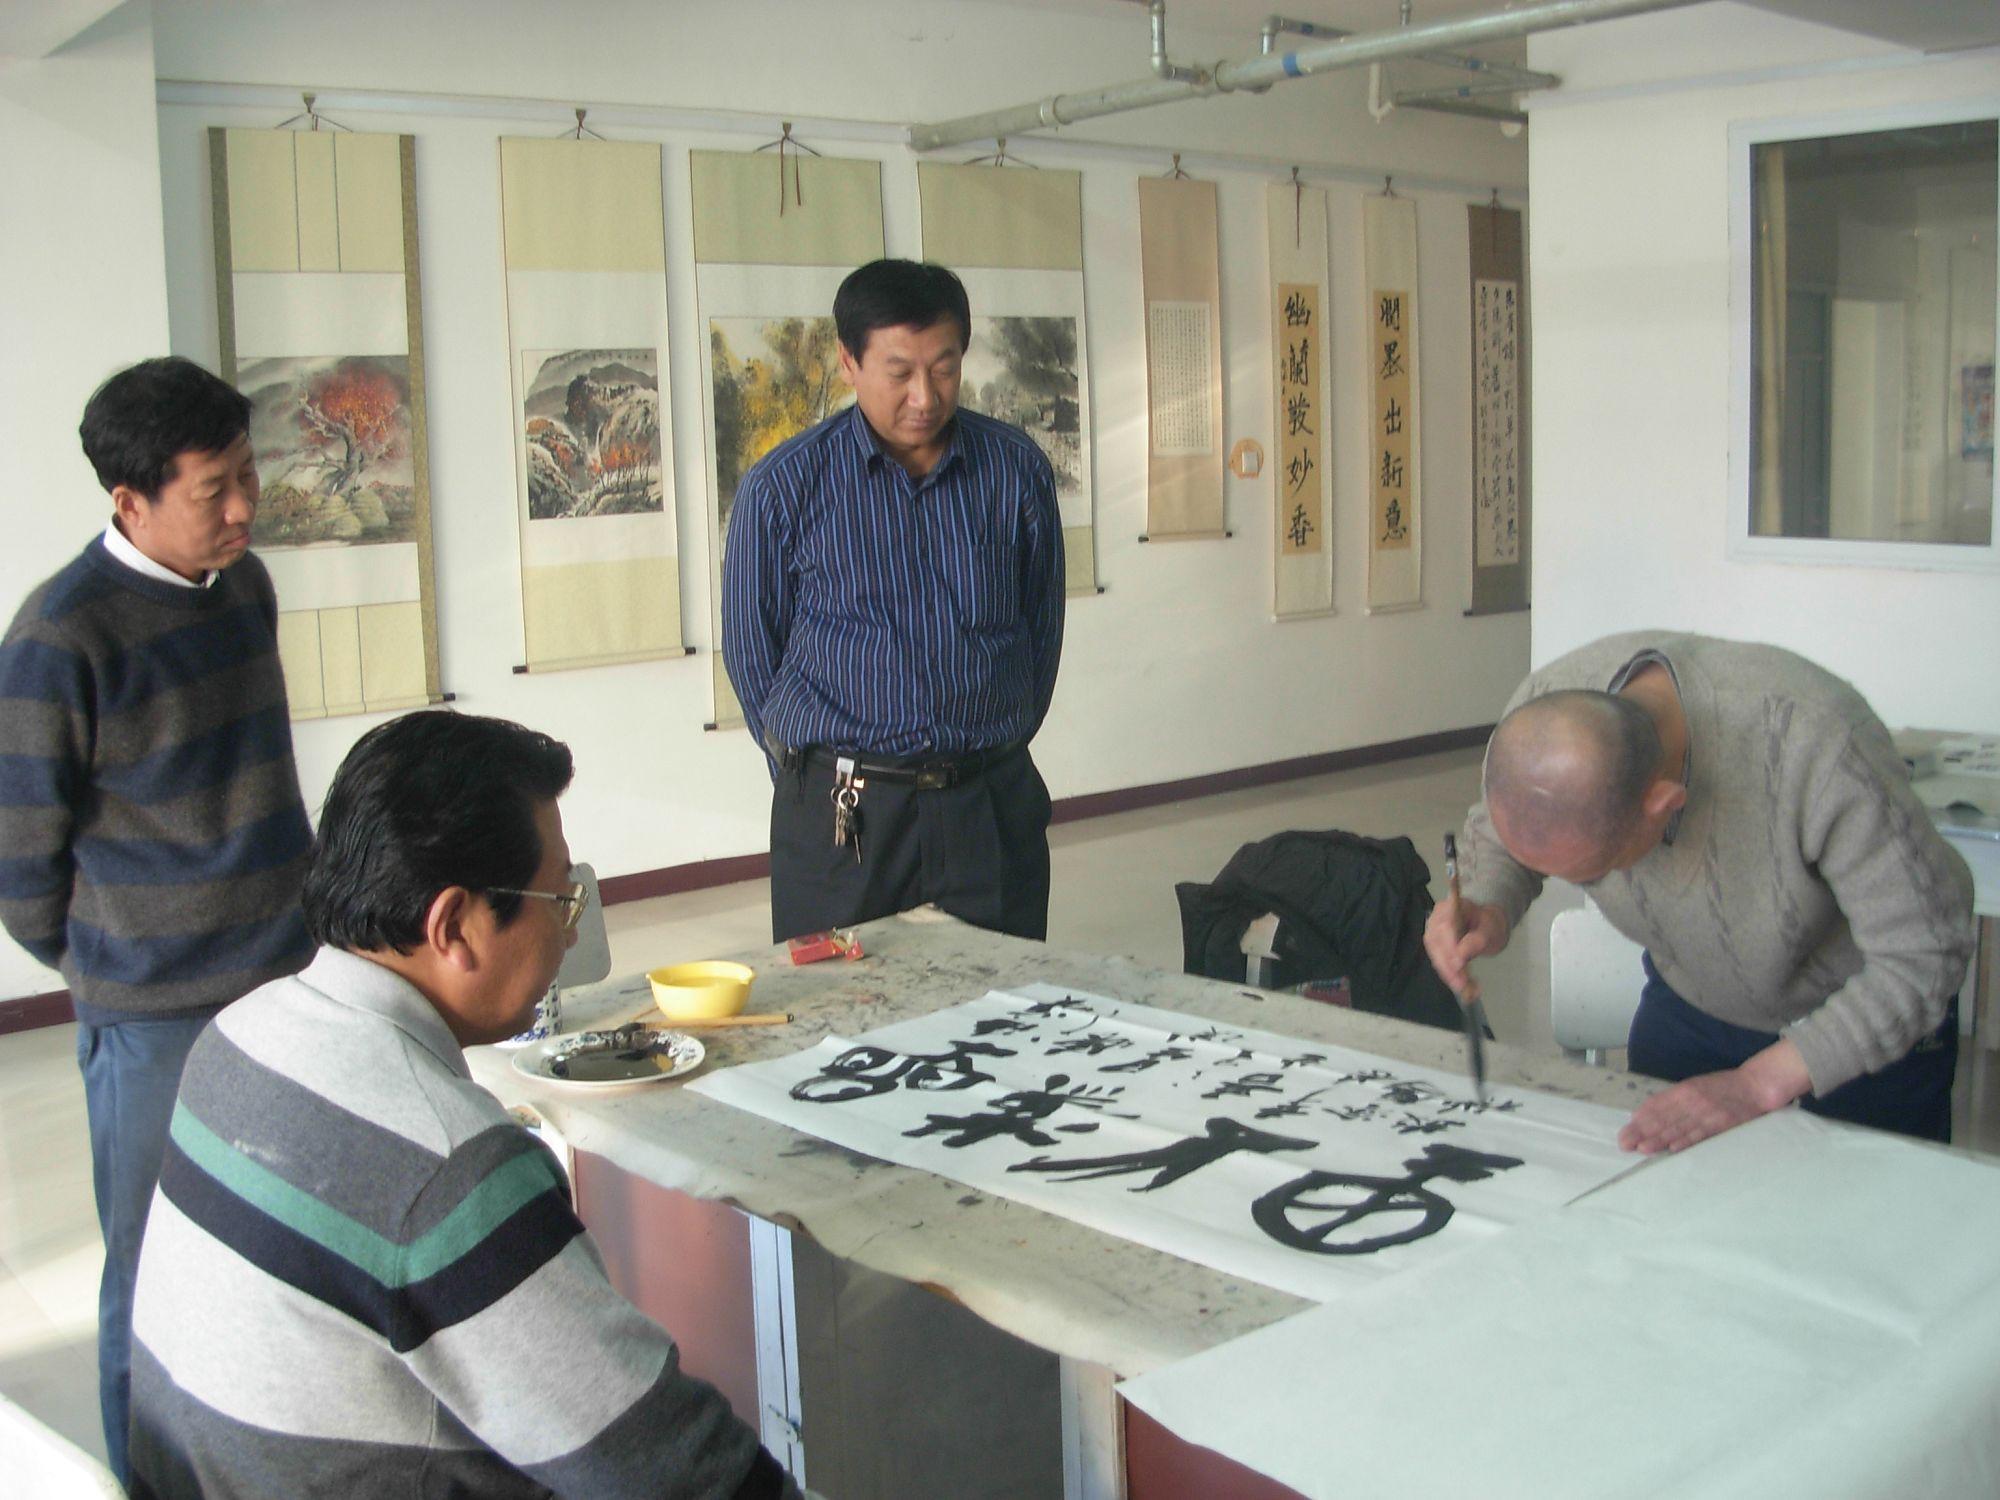 天成观考察古楹联并同我县部分书画,楹联家进行了艺术交流.图片